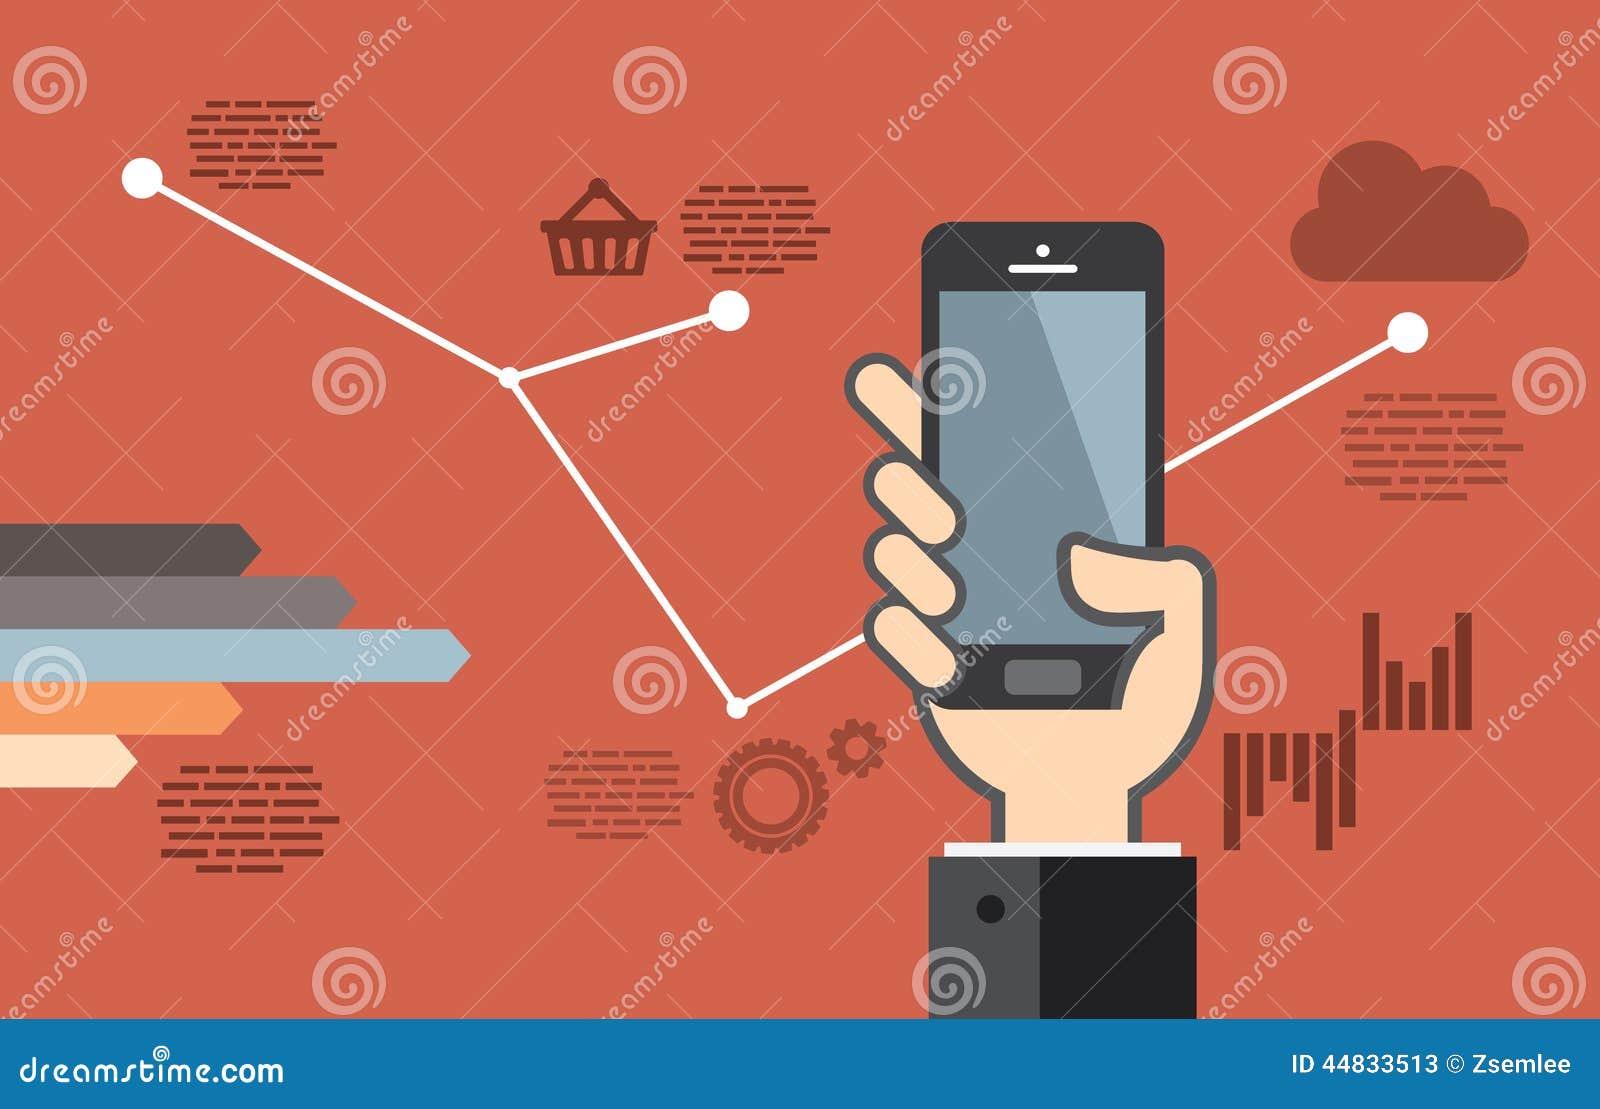 Desarrollo de aplicación móvil o programación del app del smartphone